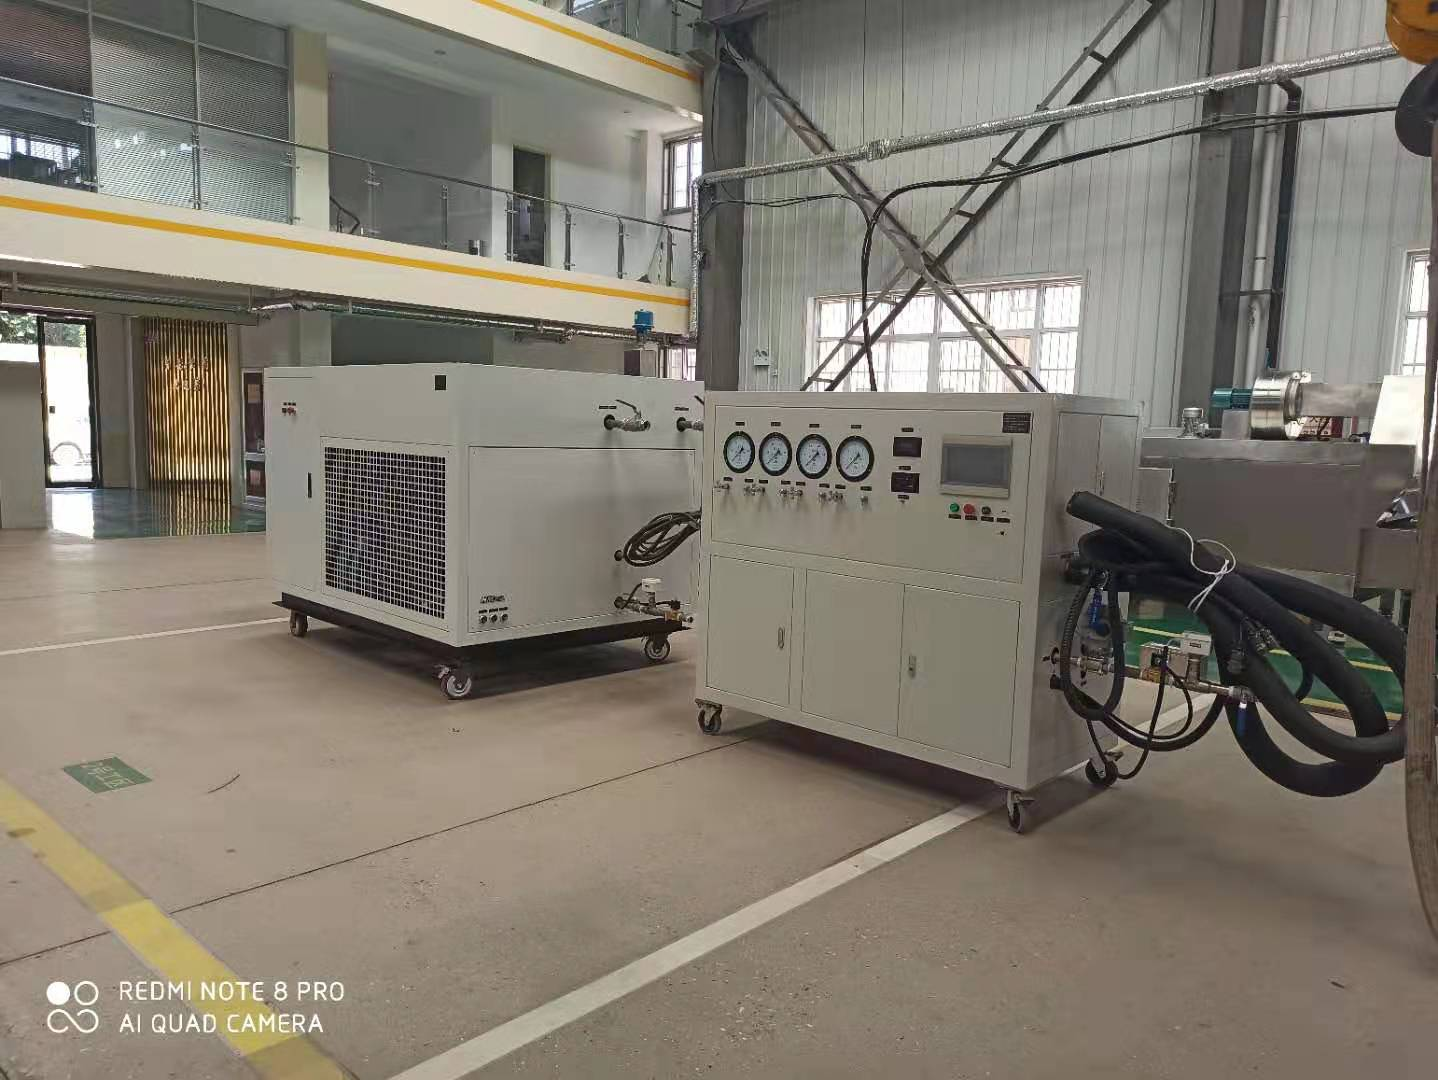 厂内设备-机油冷冻系统